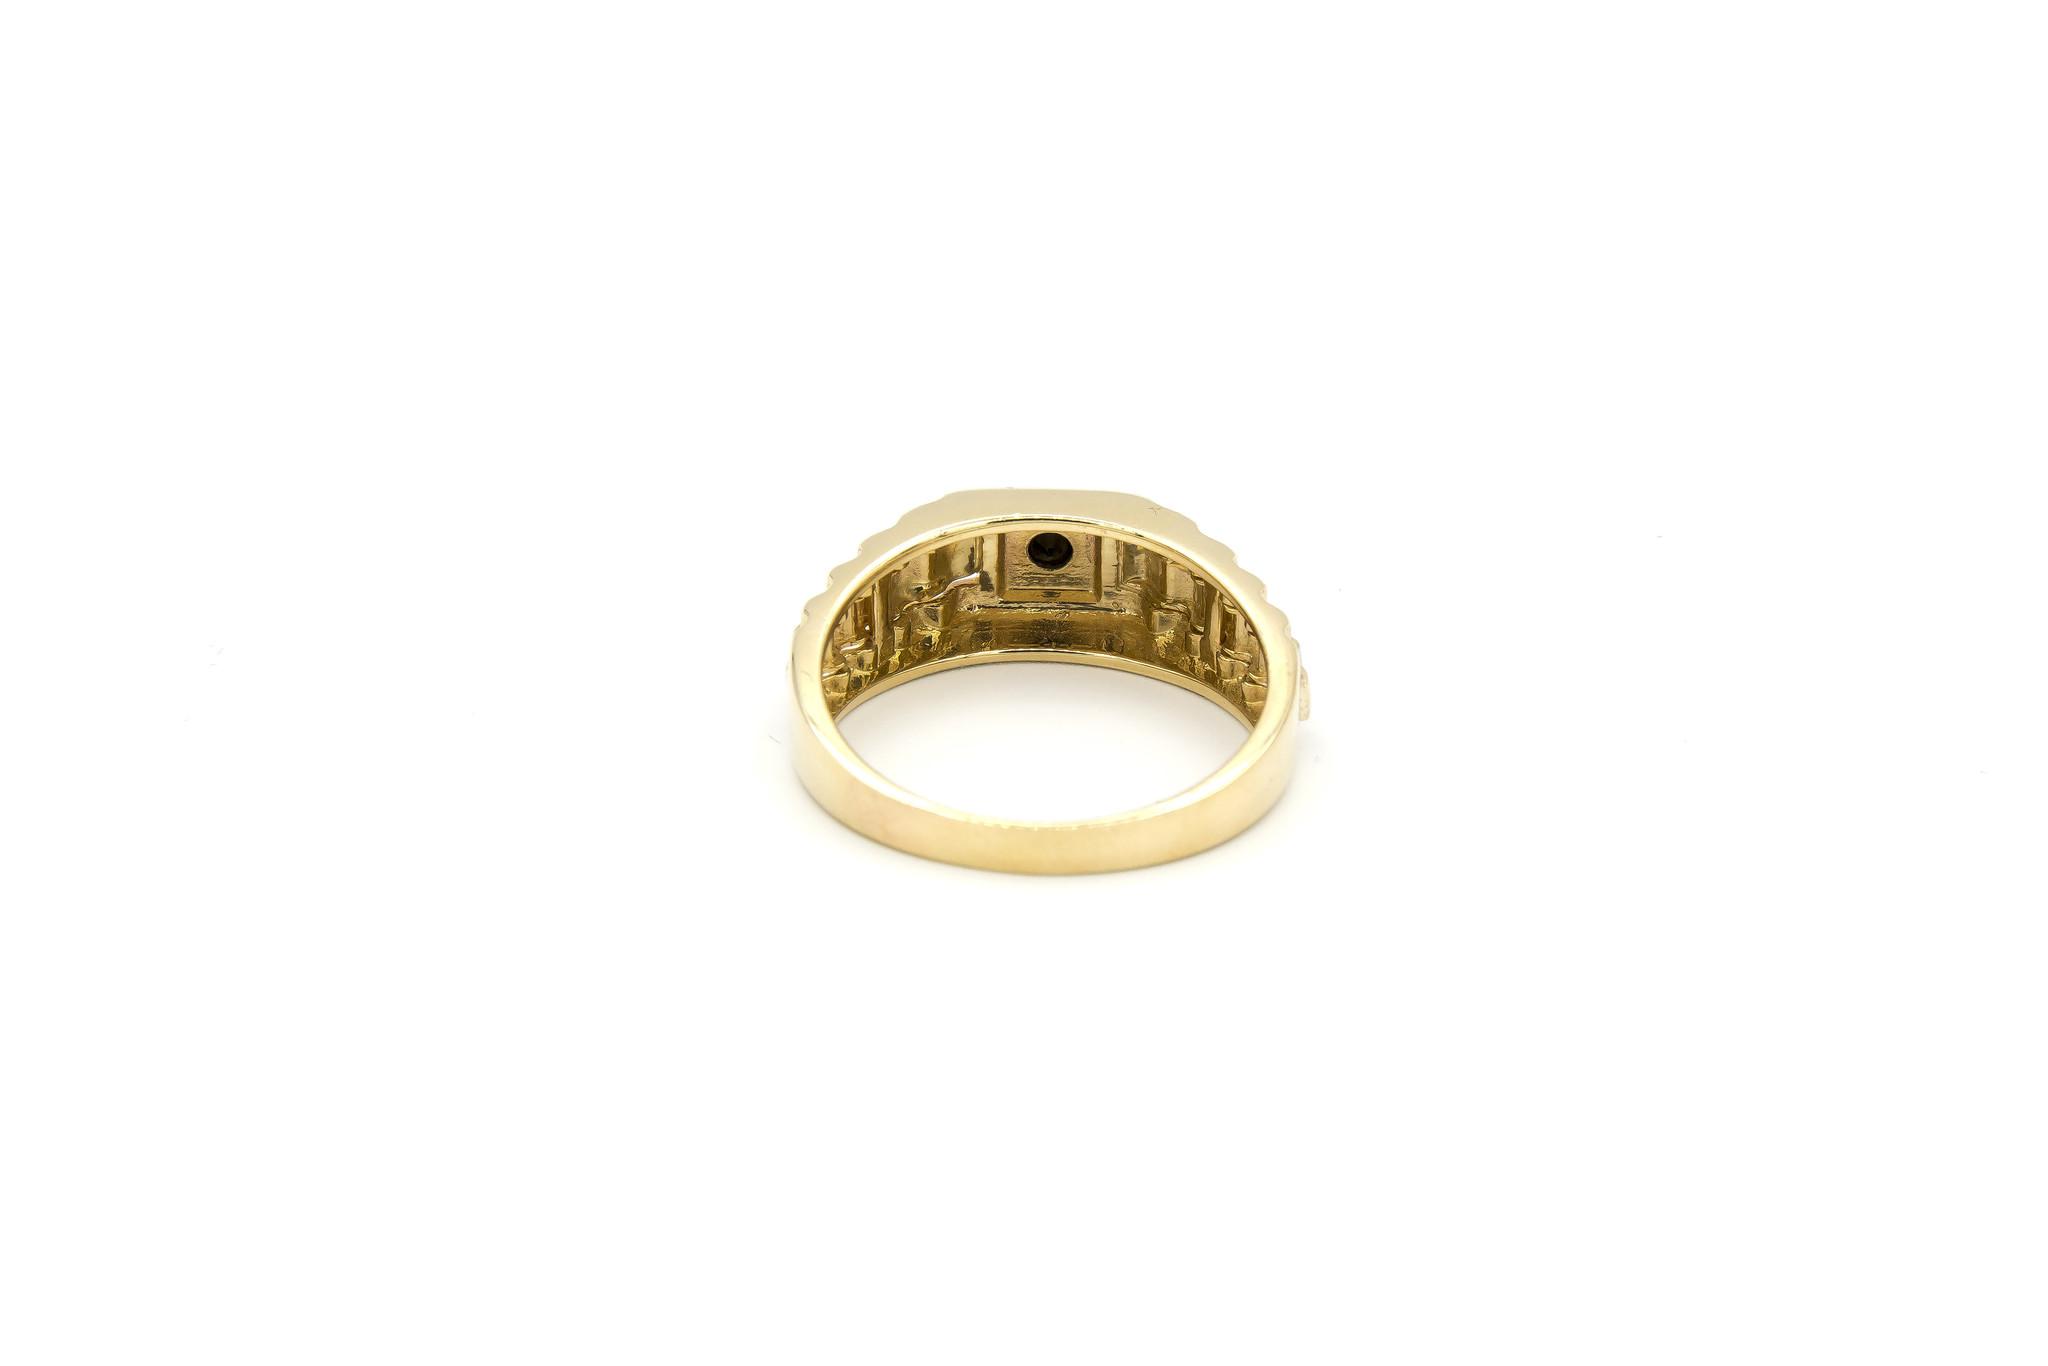 Ring zegel  wit- en geelgoud met zwarte punt-4